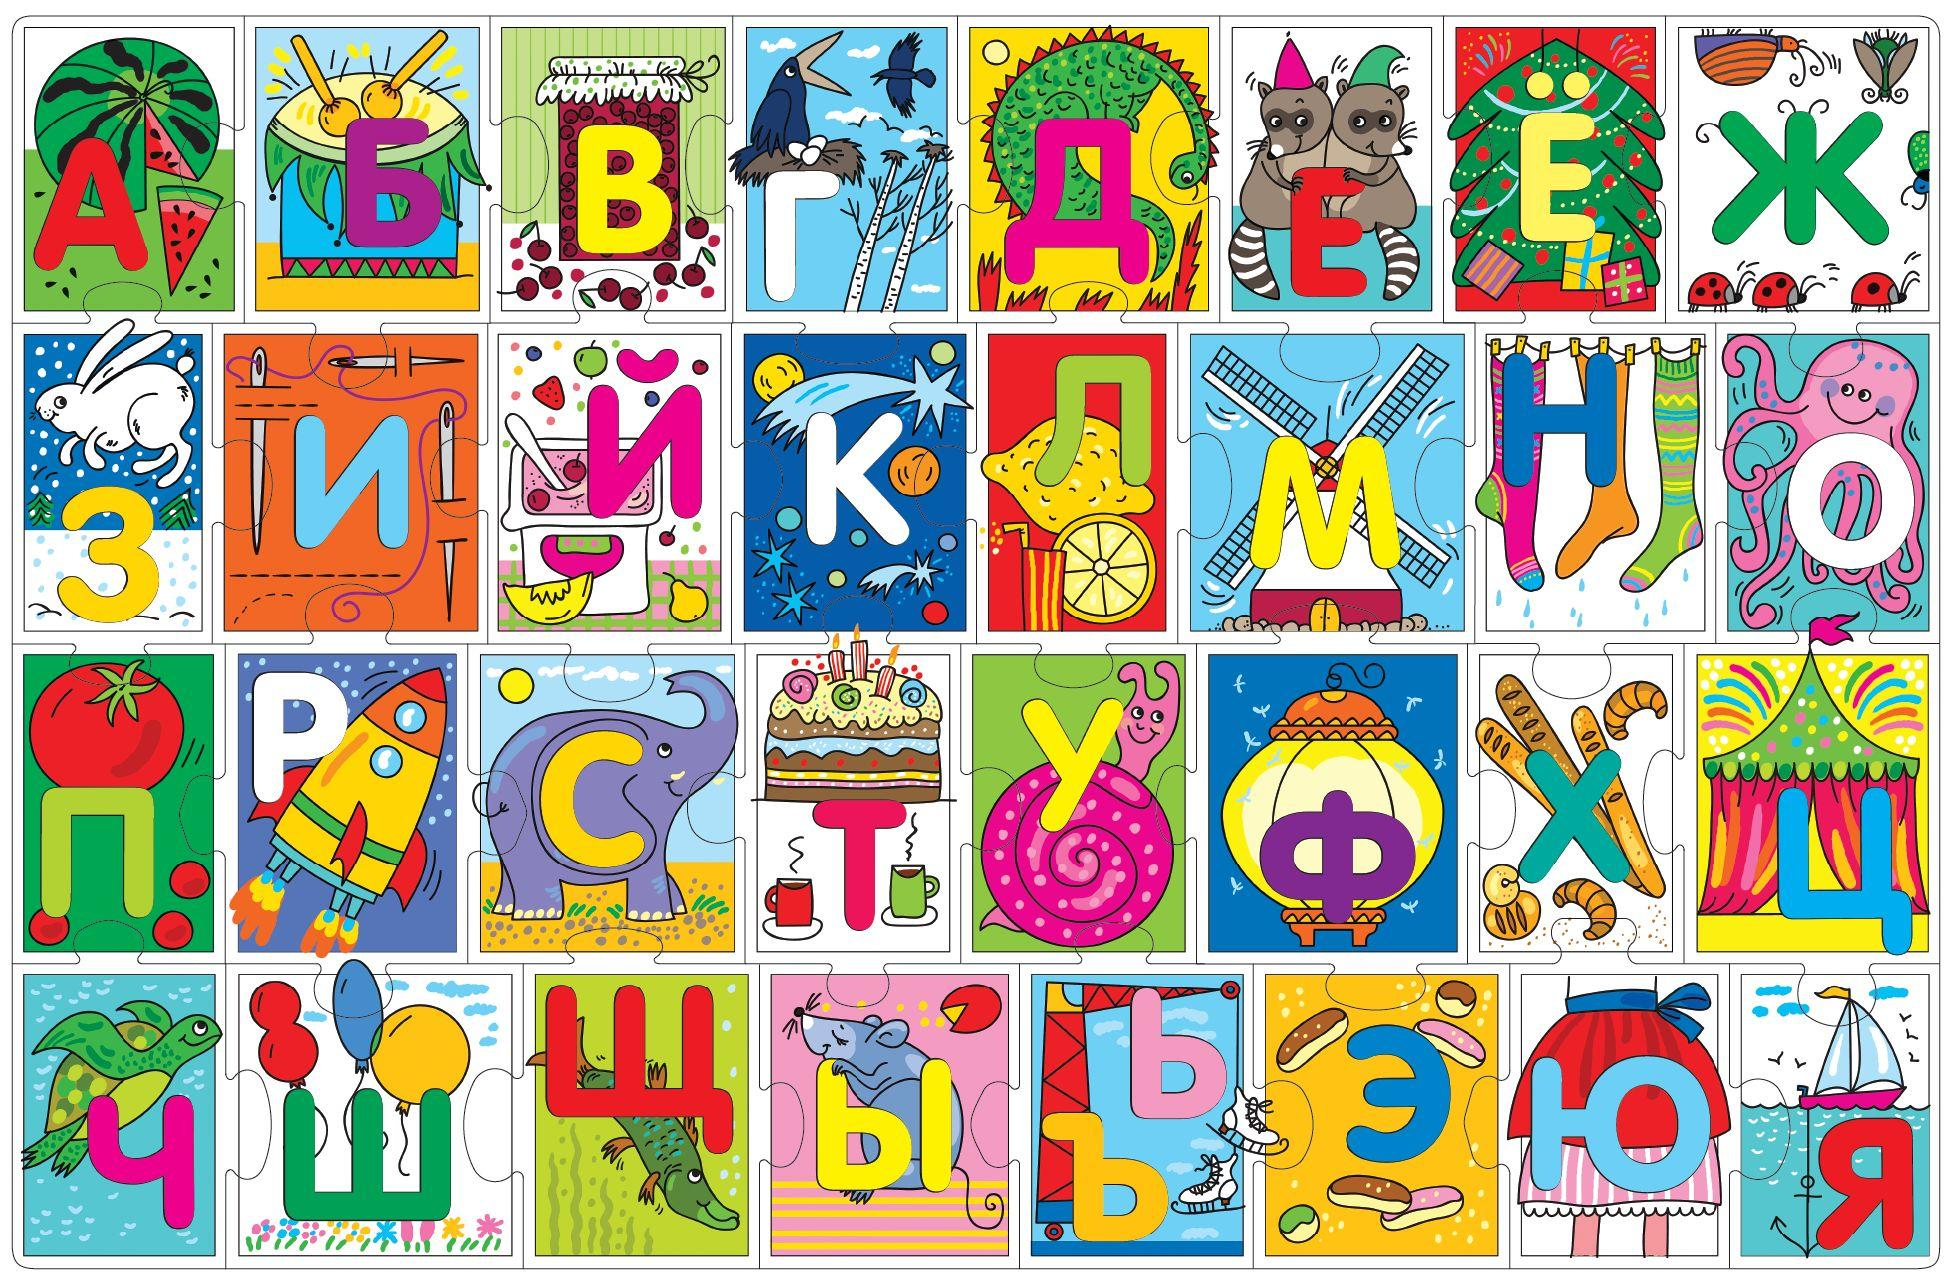 этот мир картинки азбука в картинках отличается экологической